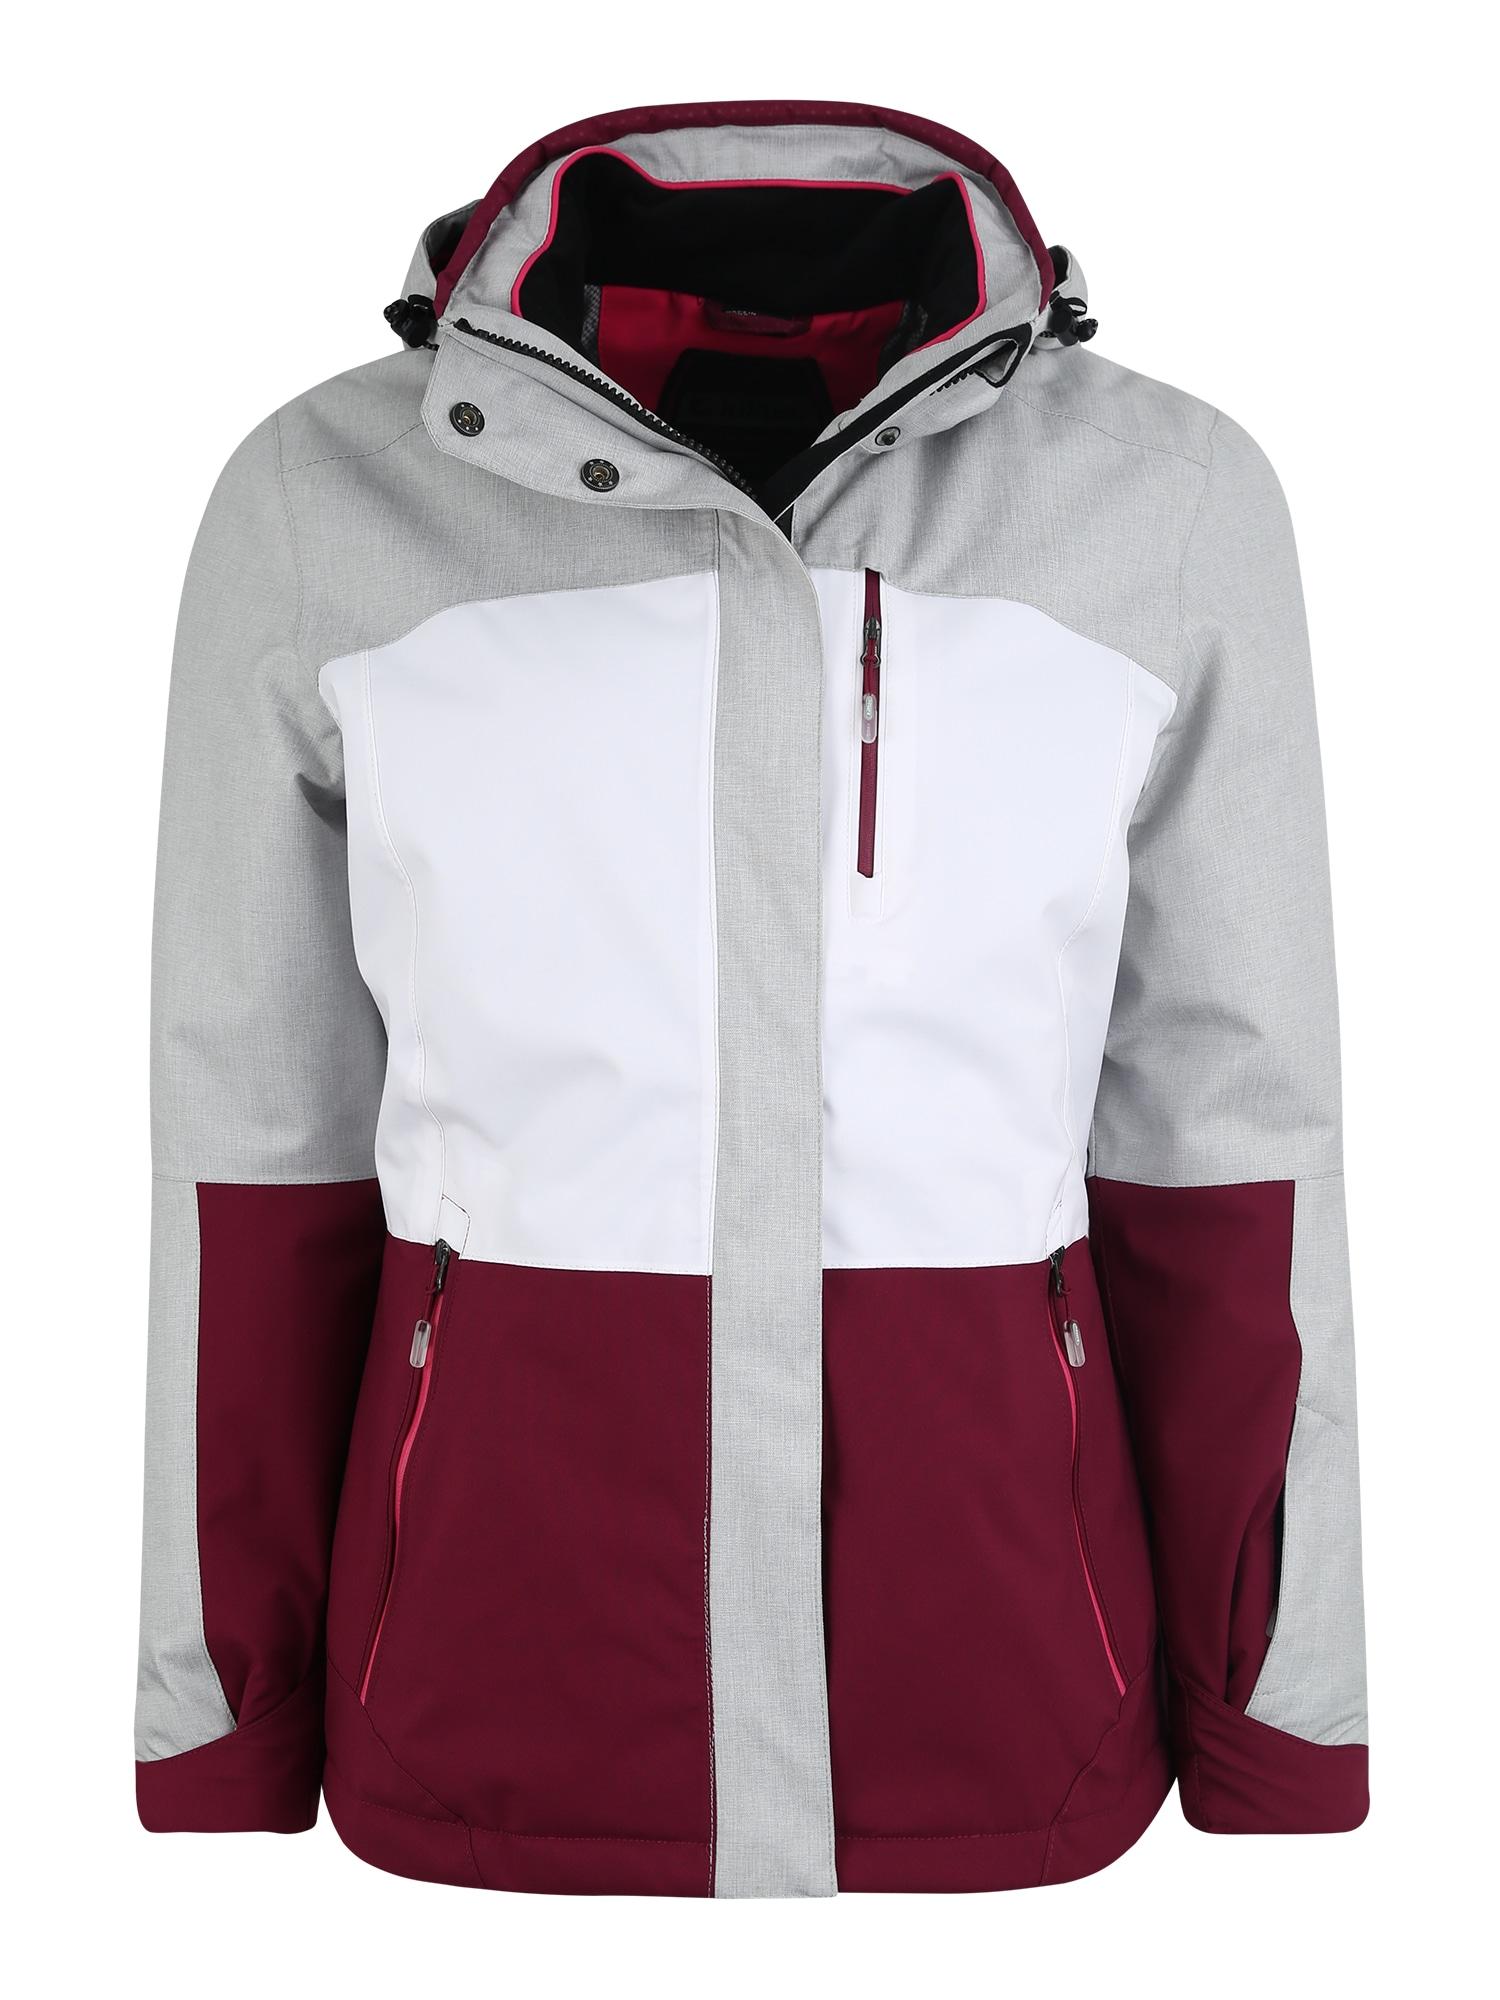 Outdoorová bunda Sewia světle šedá bordó bílá KILLTEC